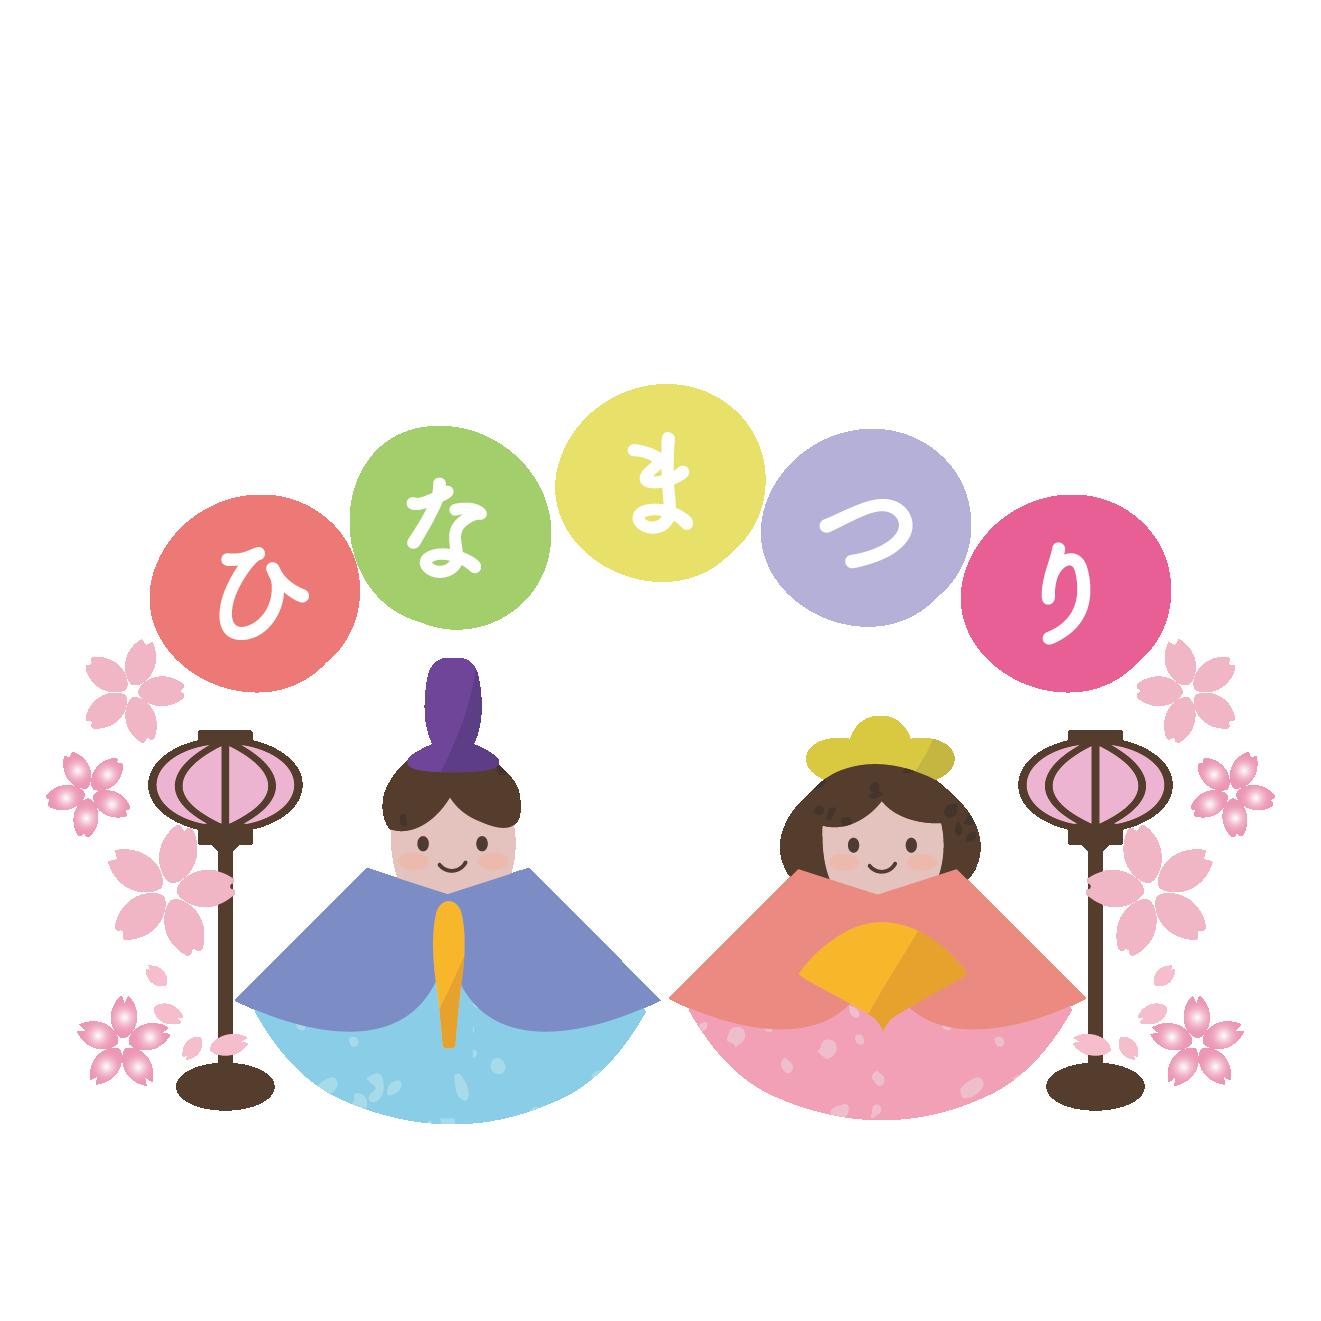 ひなまつり ロゴ文字 イラスト【ひな祭り】 | 商用フリー(無料)の